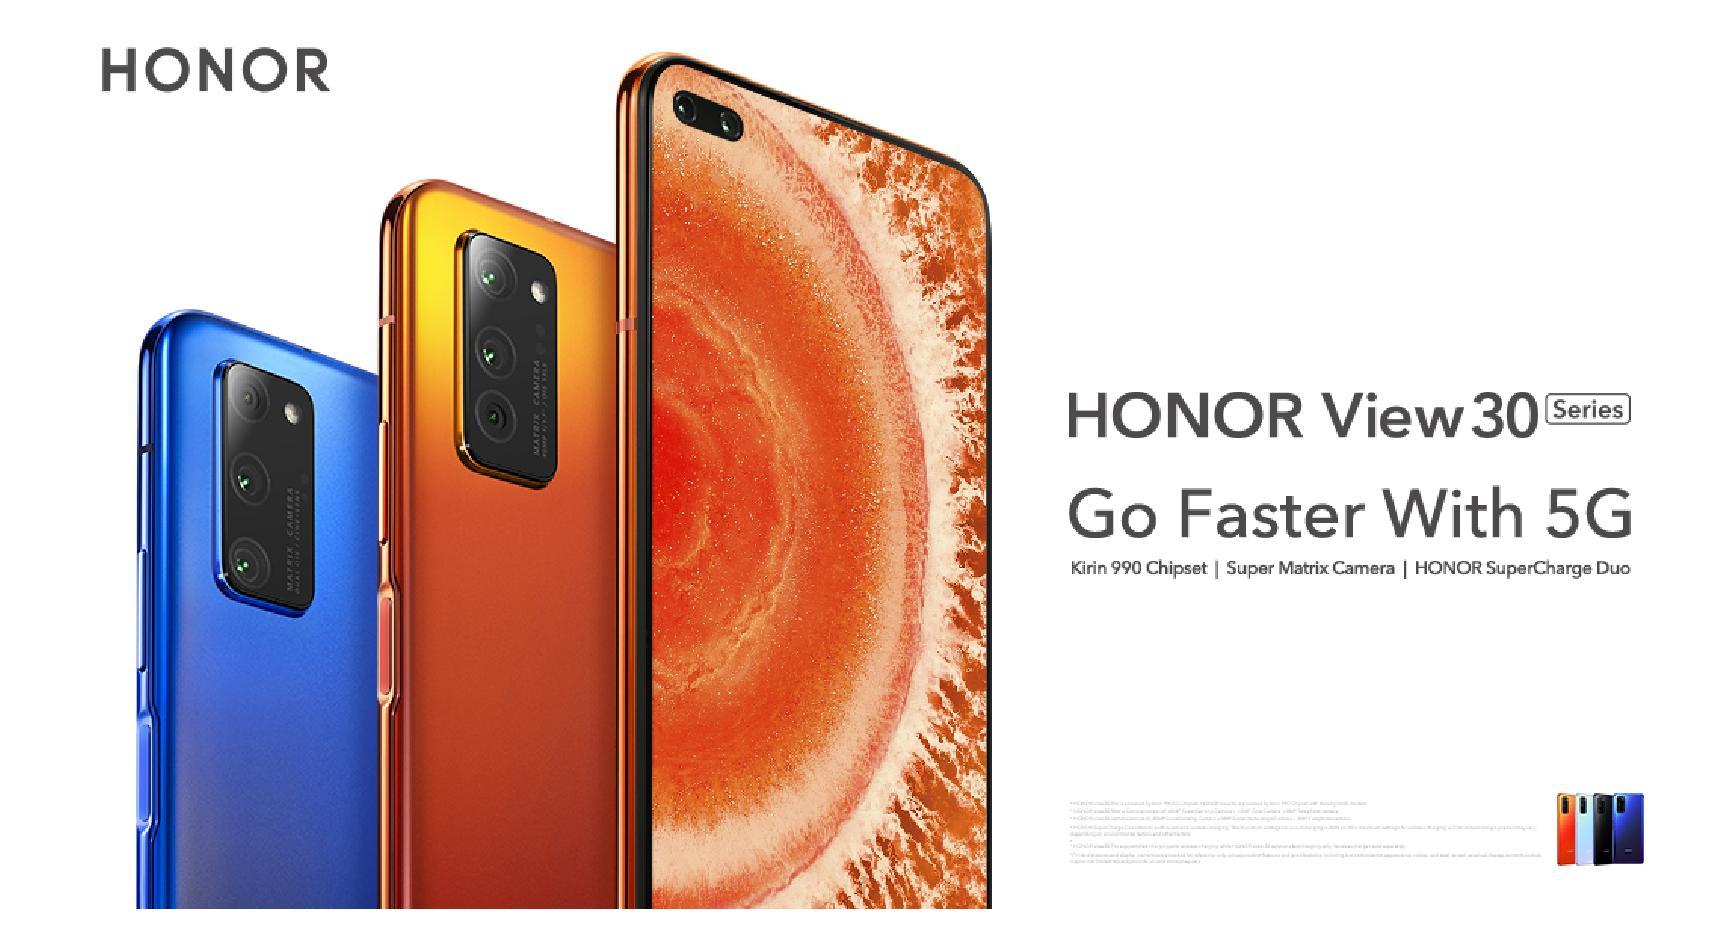 Premiera: Honor View 30 z najlepszym procesorem Huawei, 5G i potrójnym aparatem 20